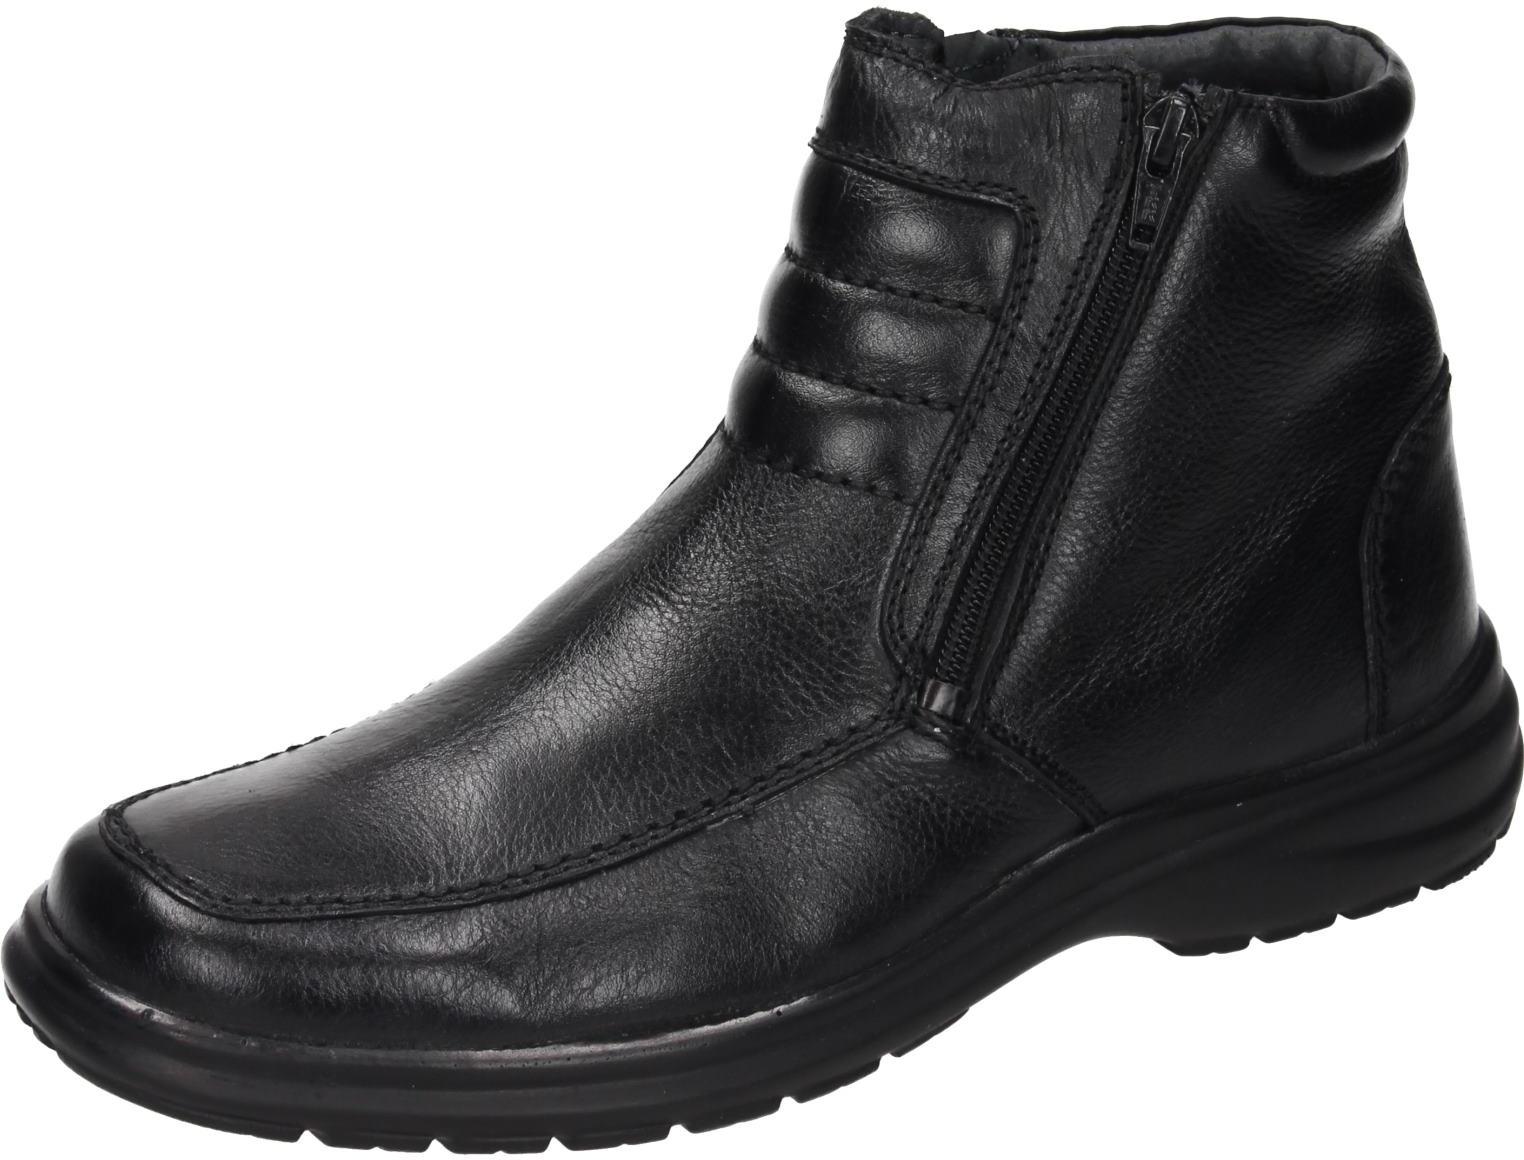 Schuhe 670455 Herren Comfortabel Stiefel Details schwarz zu